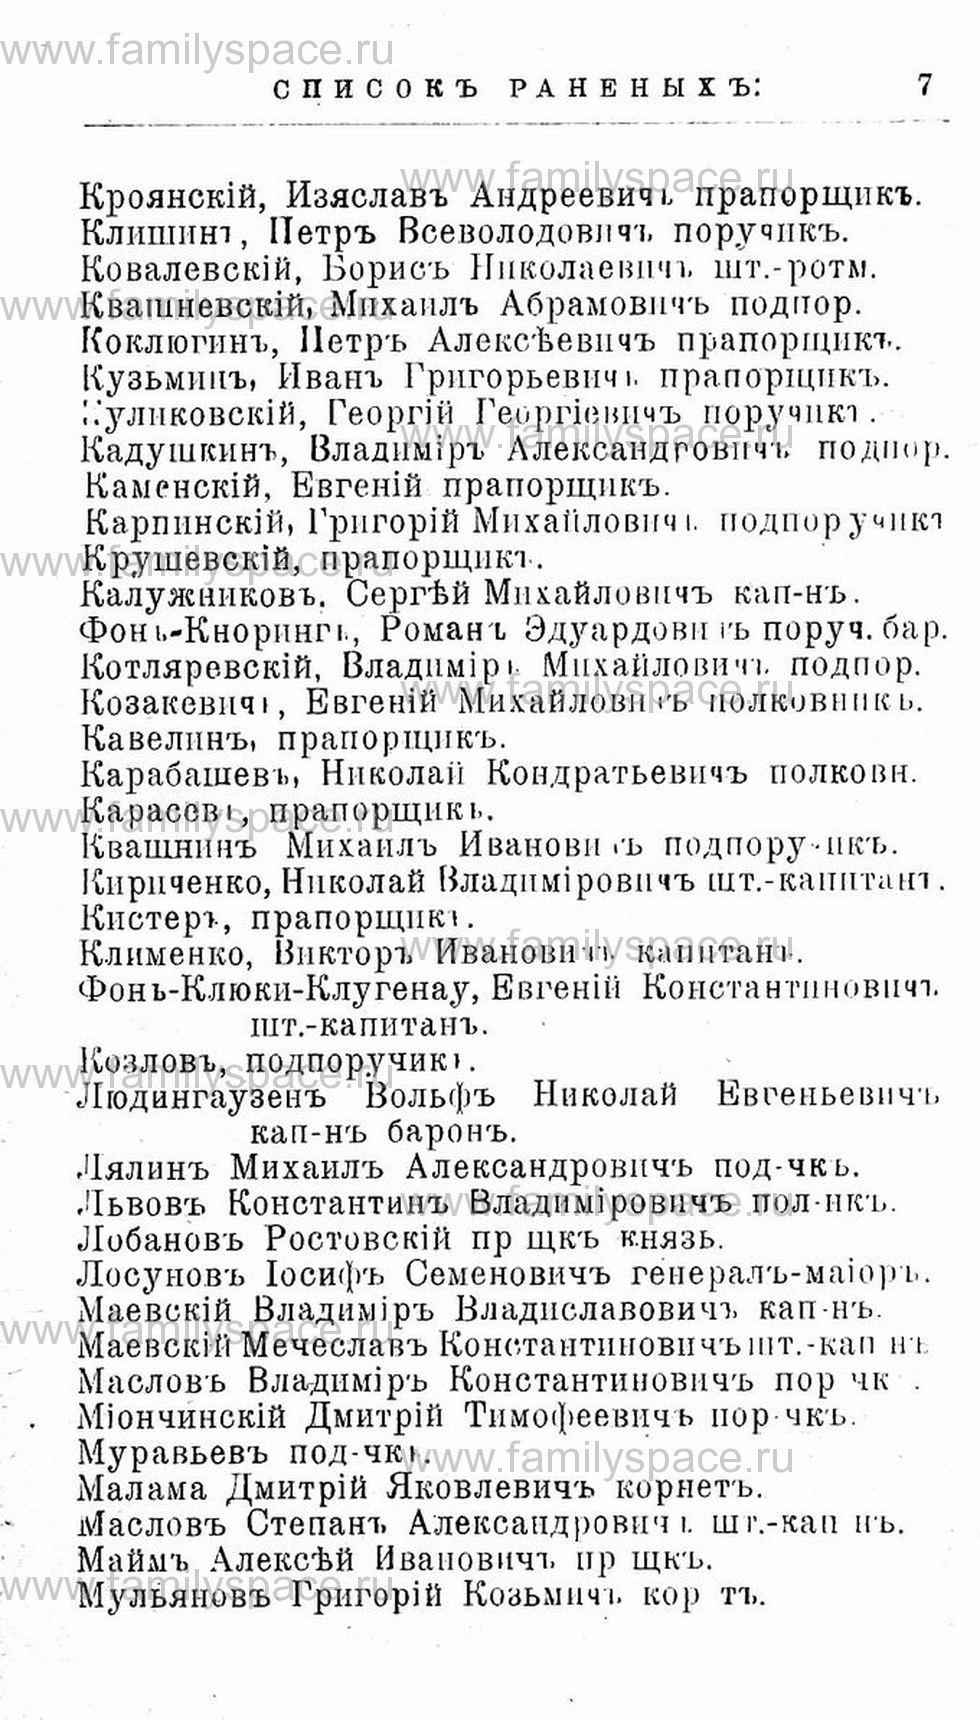 Поиск по фамилии - Первая мировая война - 1914 (списки убитых и раненых), страница 7